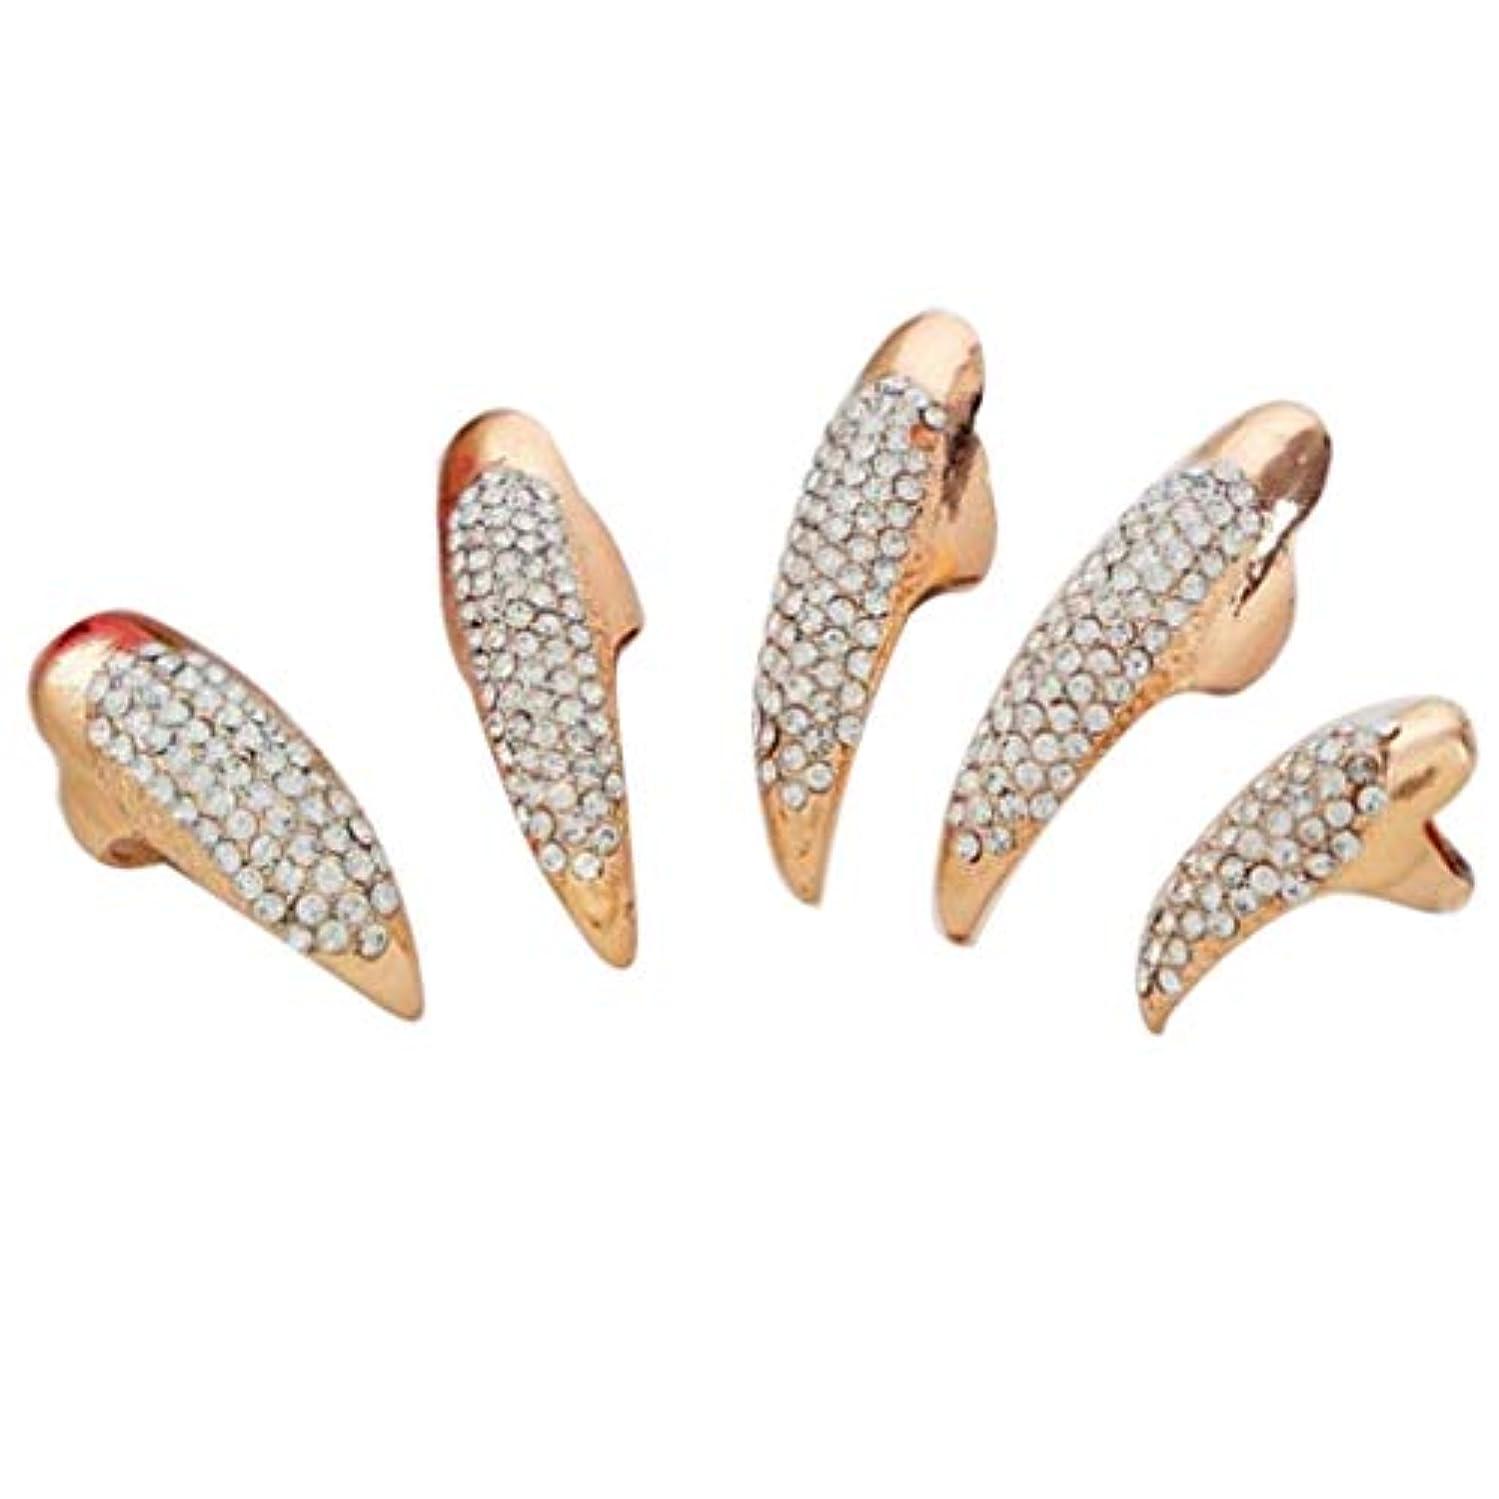 牧師喉が渇いた姉妹Toygogo ネイルリング チップリング 爪の指輪 指先の指輪 ネイルアート アクセサリー 2色選べ - ゴールデン